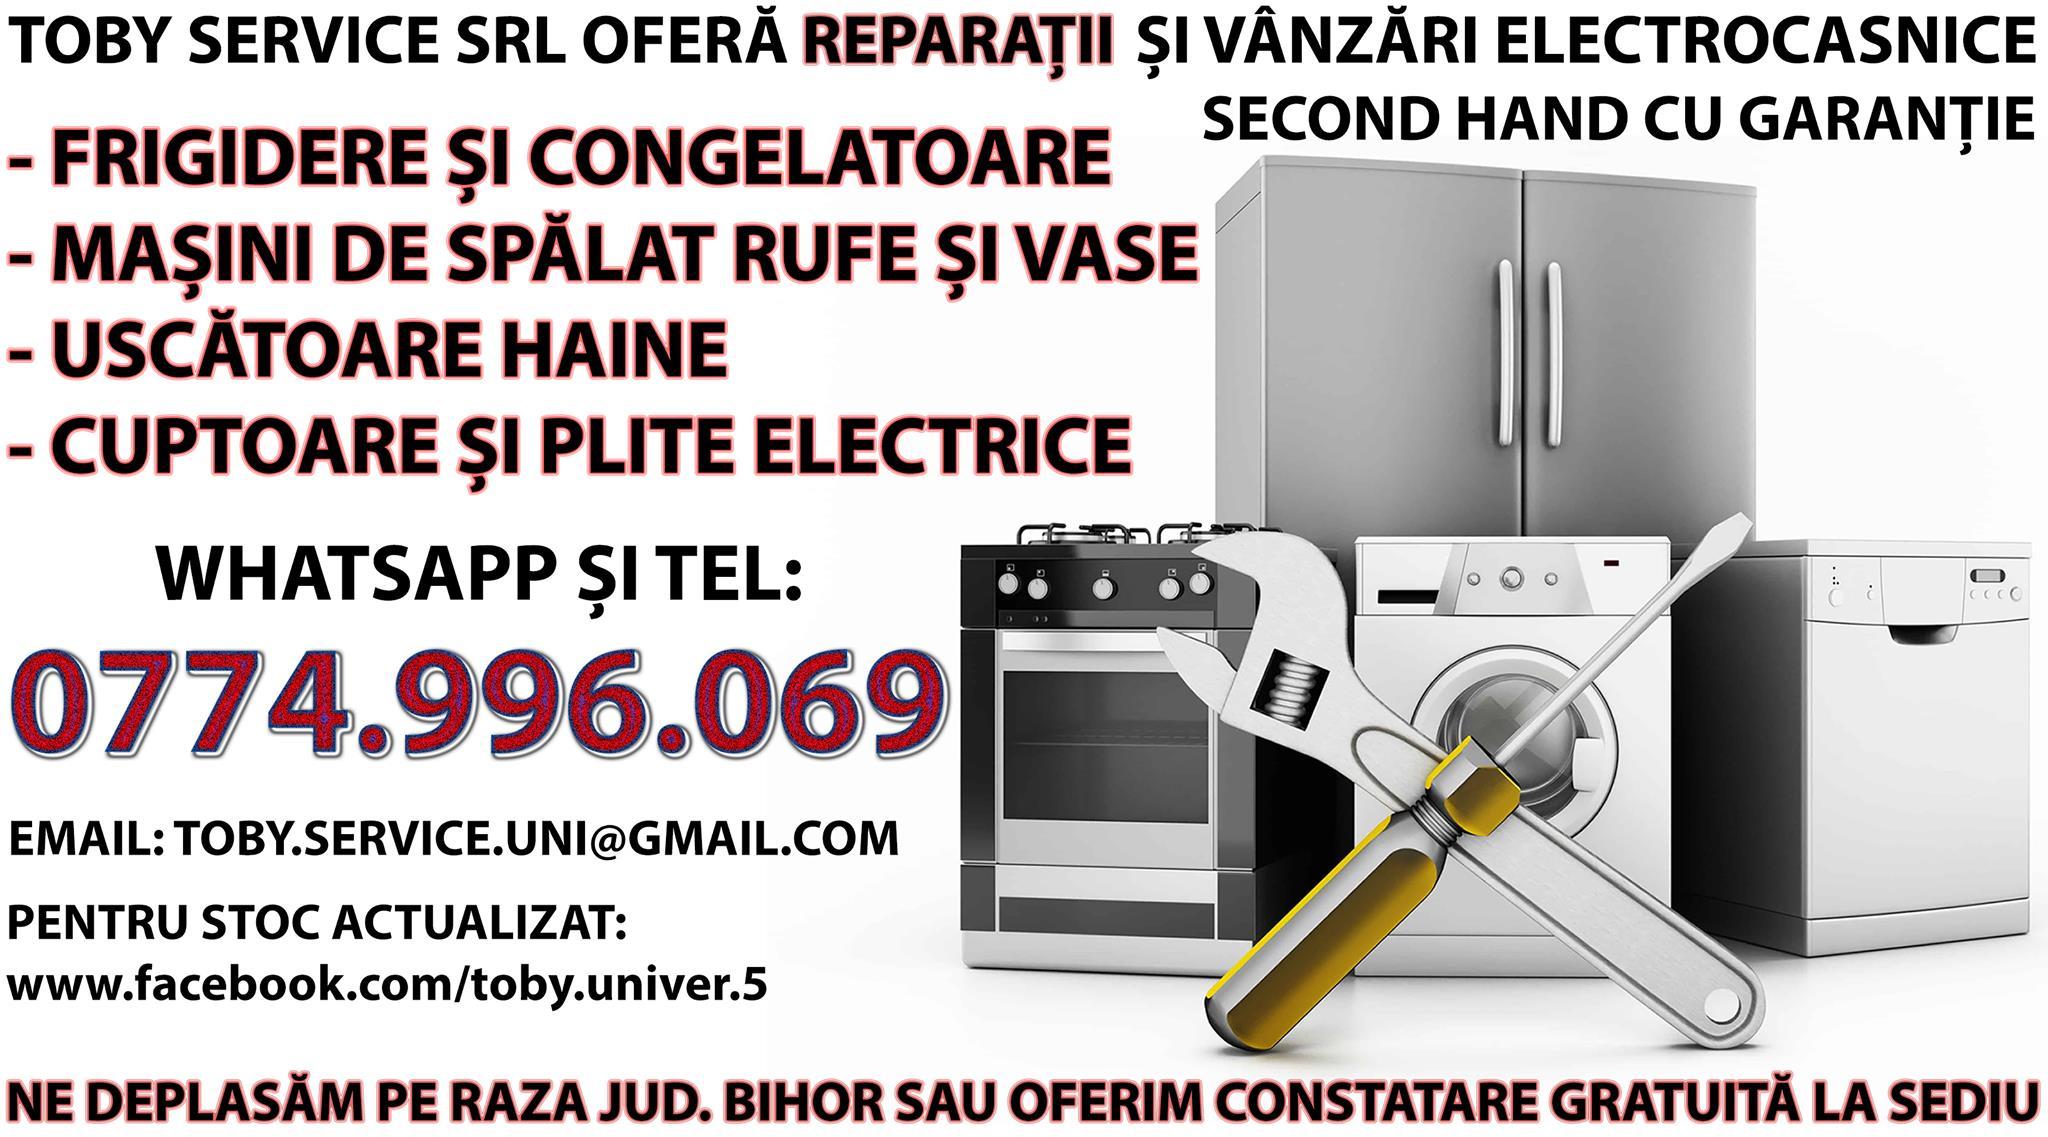 REPARATII ELECTROCASNICE MARI ORADEA